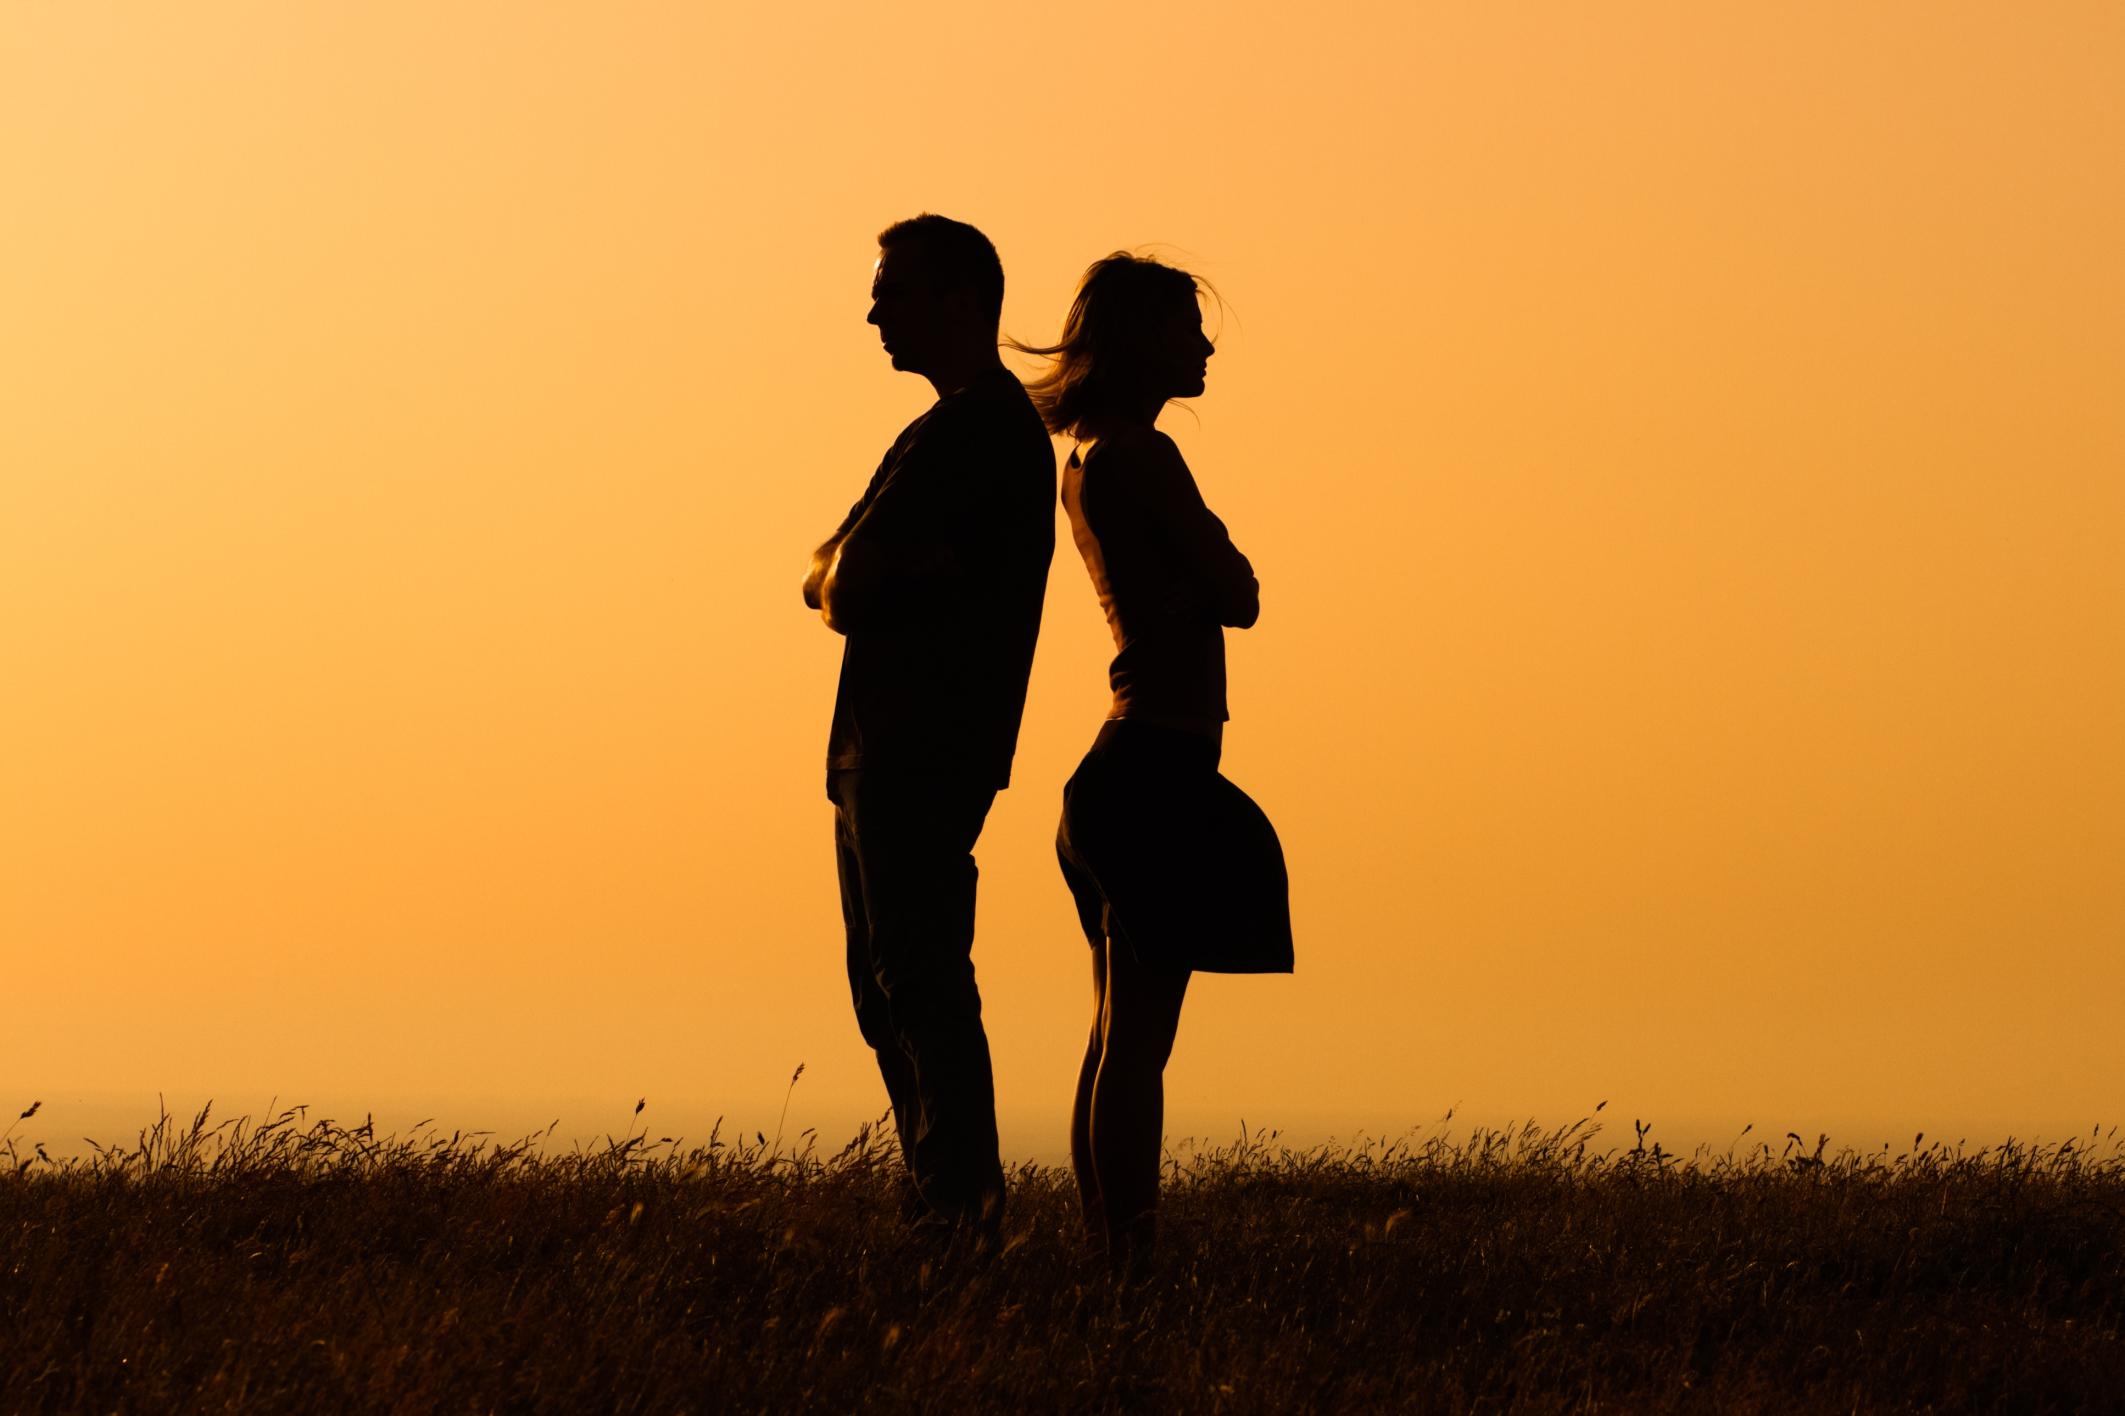 چگونه میتوان از ازدواج اشتباه جلوگیری کرد؟